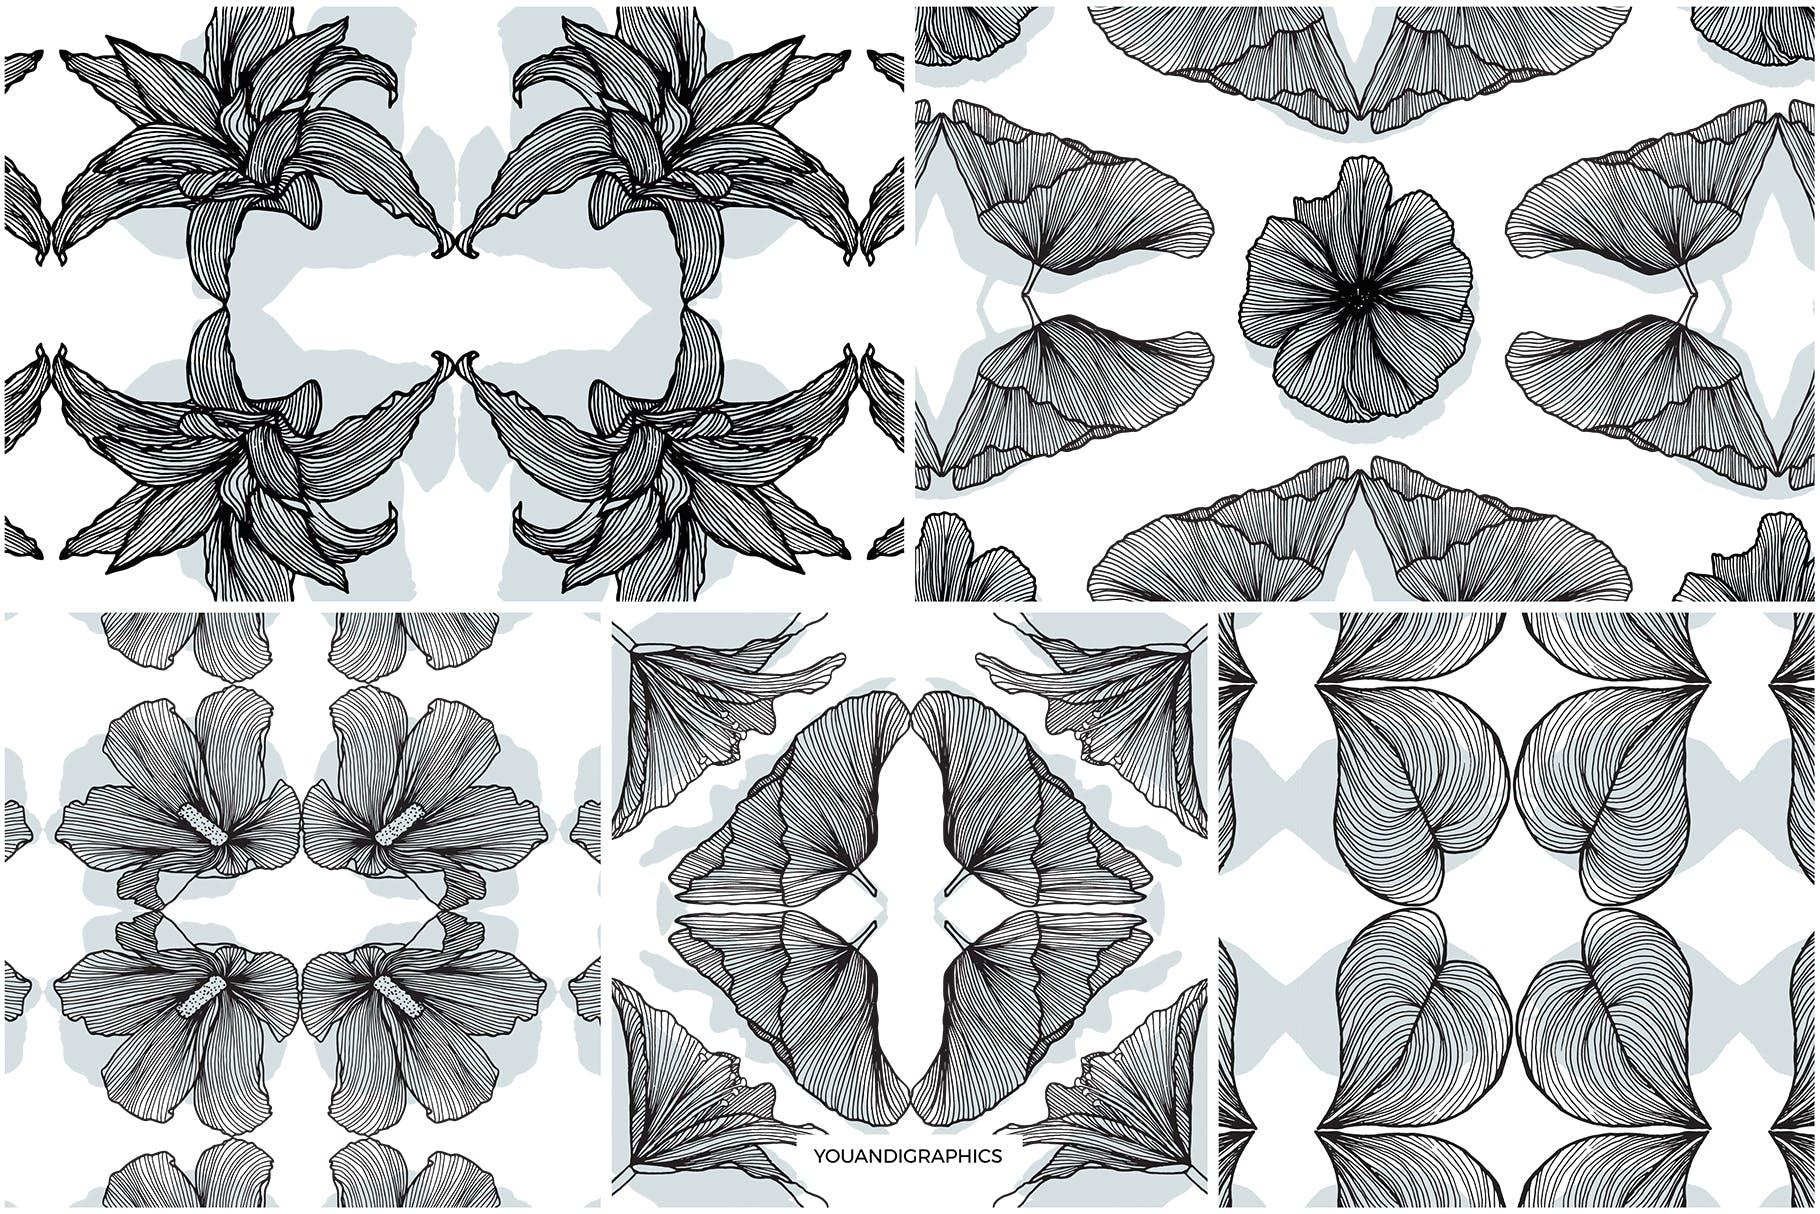 线条艺术花卉矢量图案元素Lineart Floral Patterns Elements插图(11)